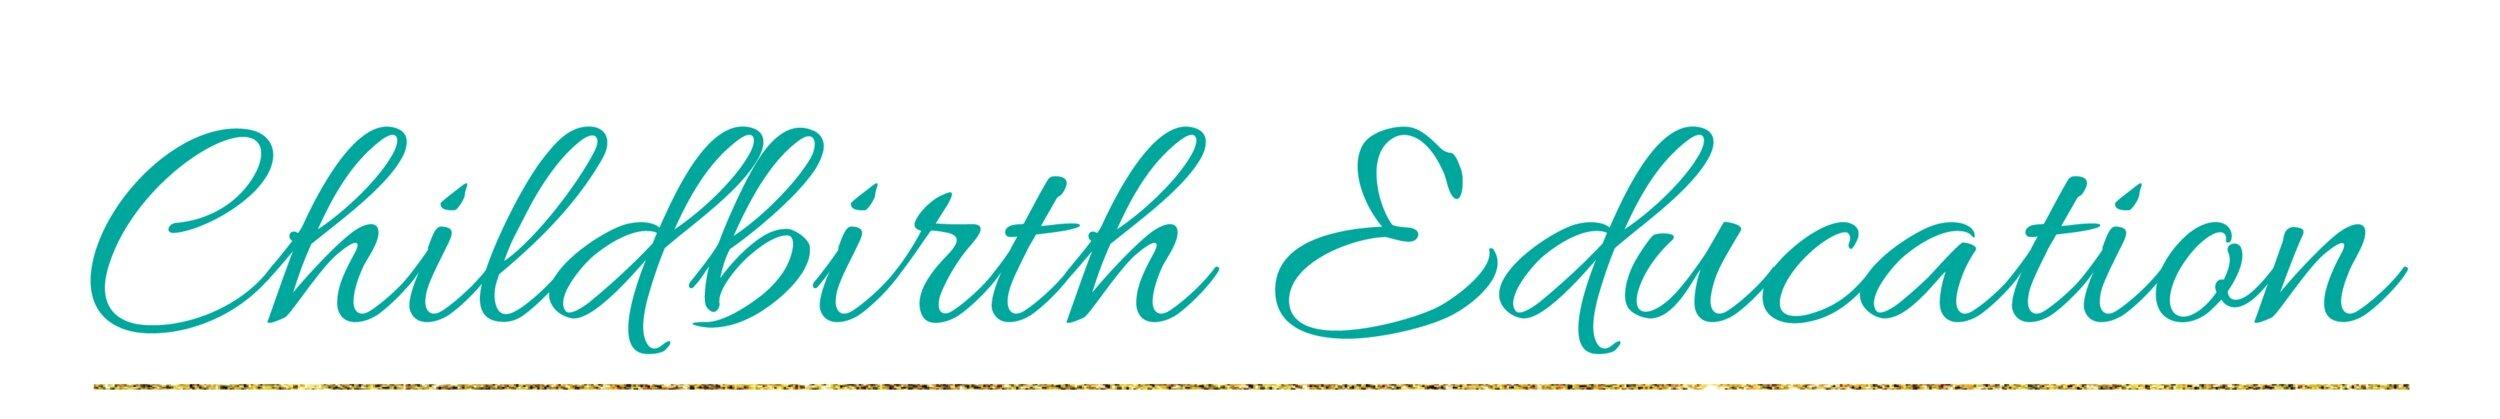 Childbirth+Education+Logos